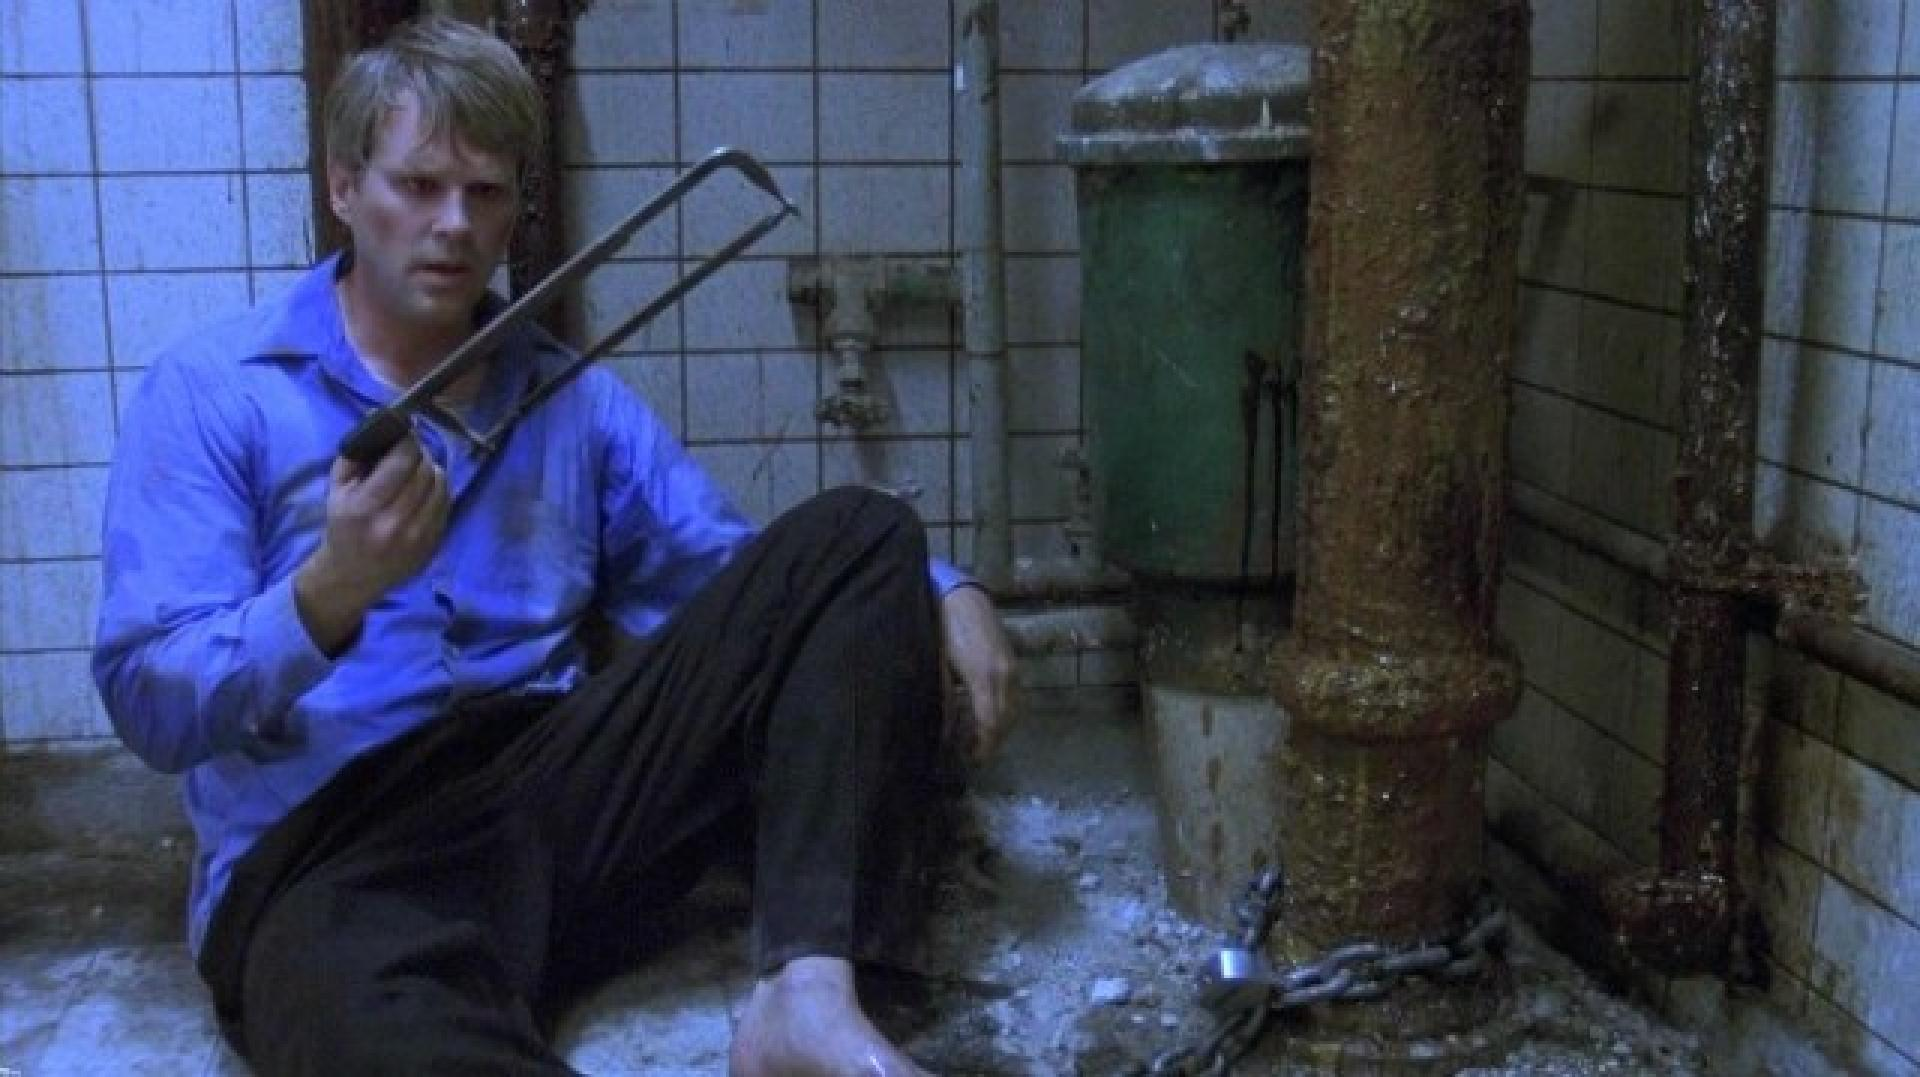 Fűrész - Saw (2004)